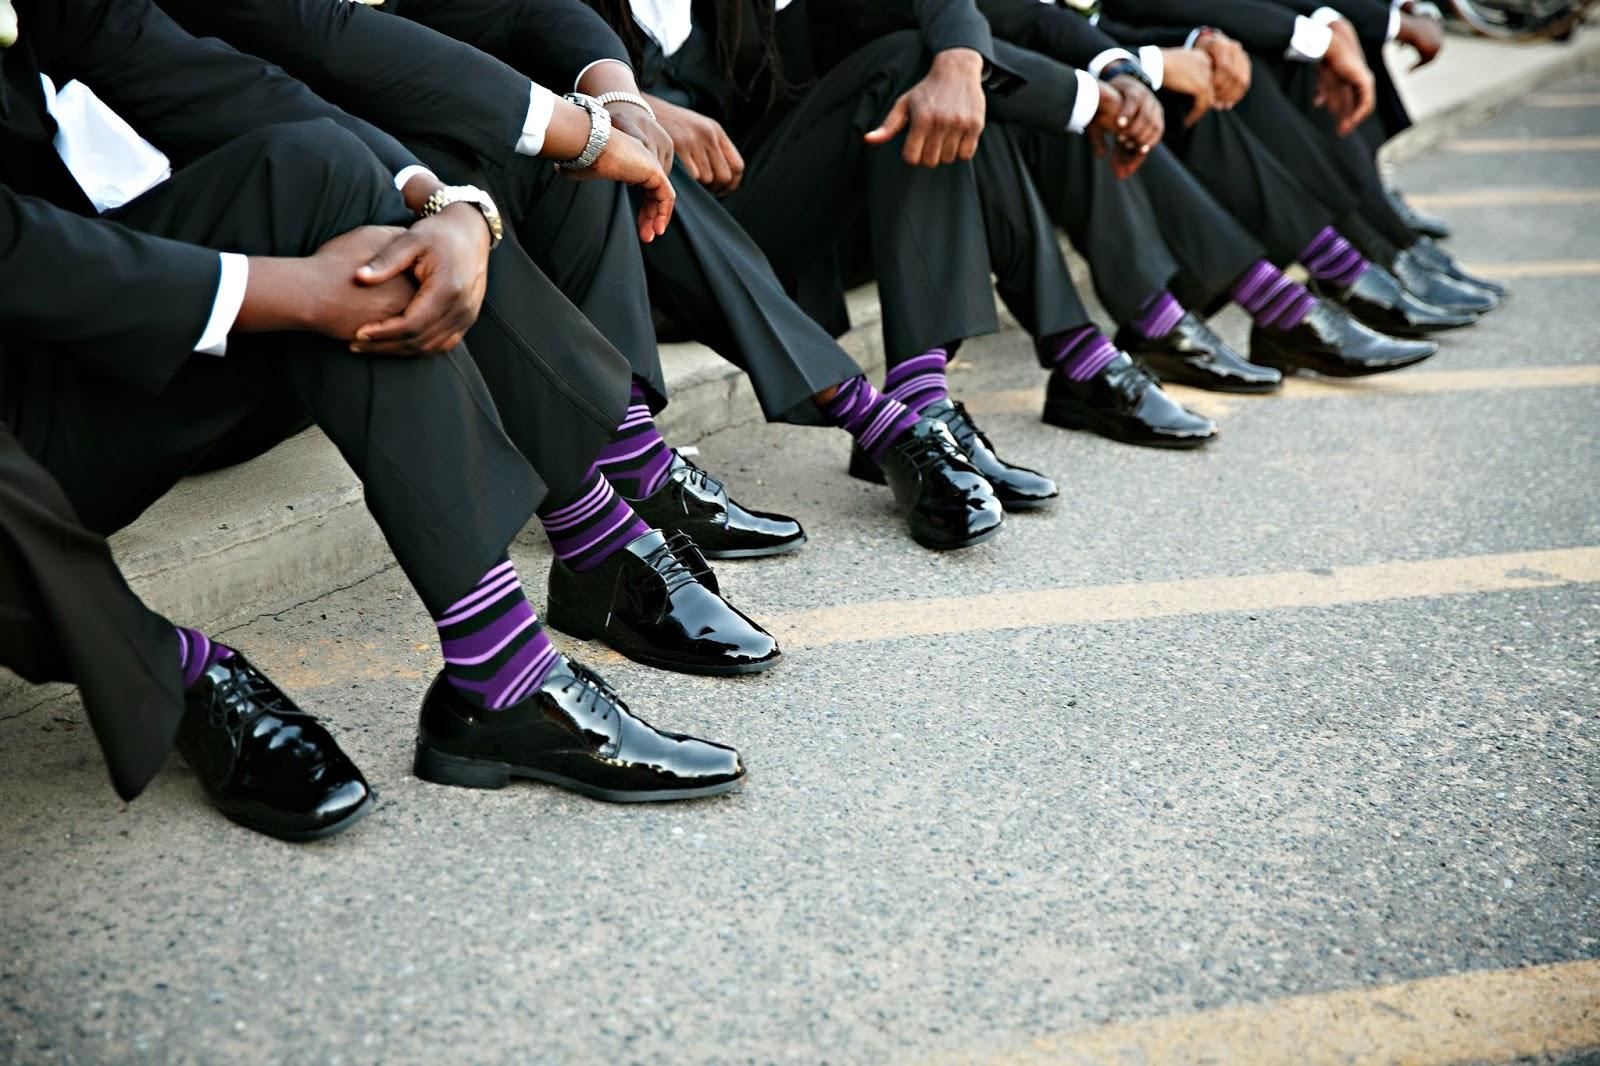 Grooms & Groomsmen Looks  You Should Love- Uganda weddings